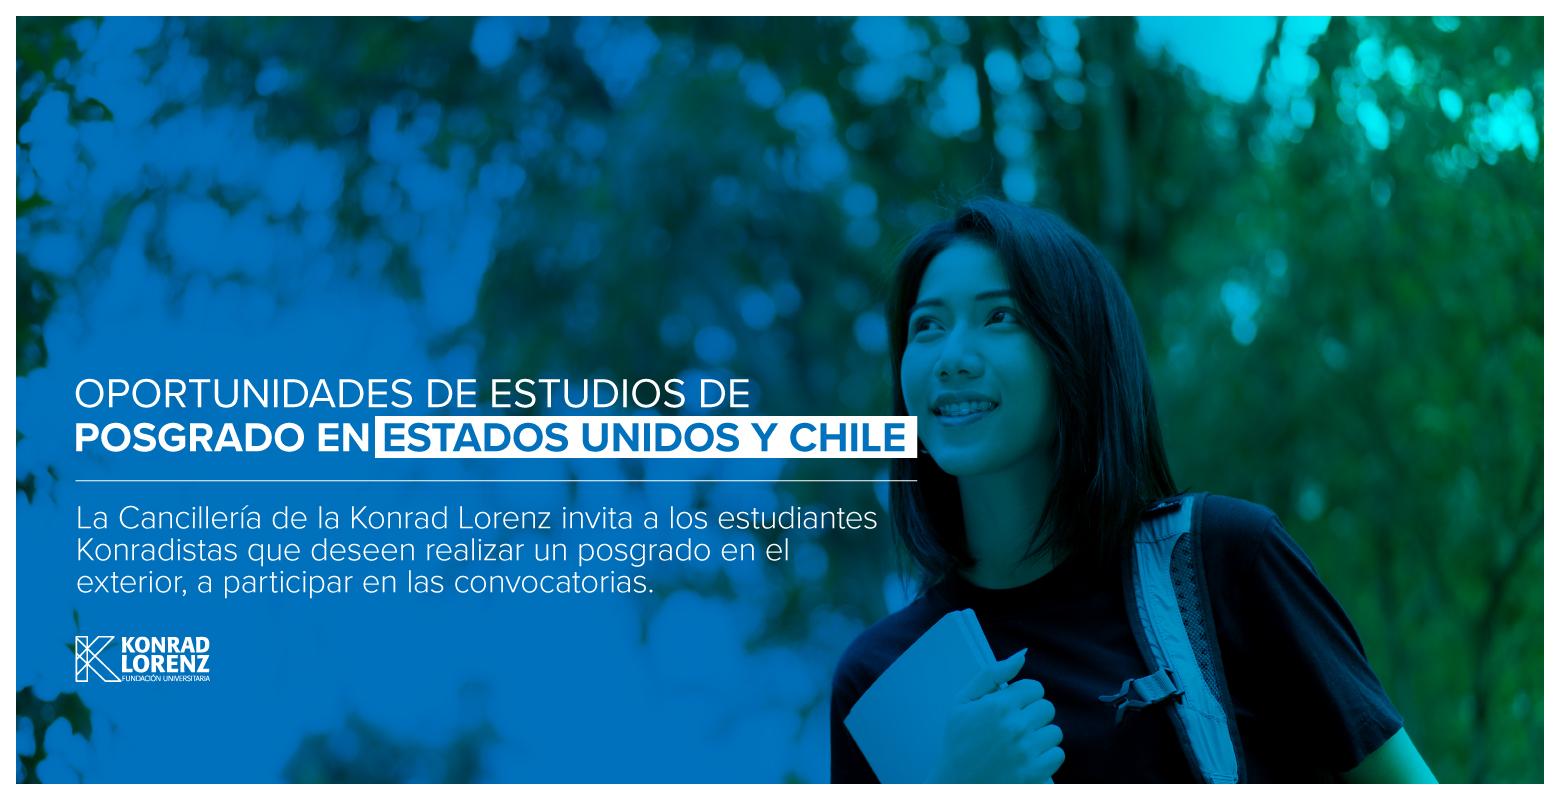 Oportunidades de Estudios de Posgrado en Estados Unidos y Chile